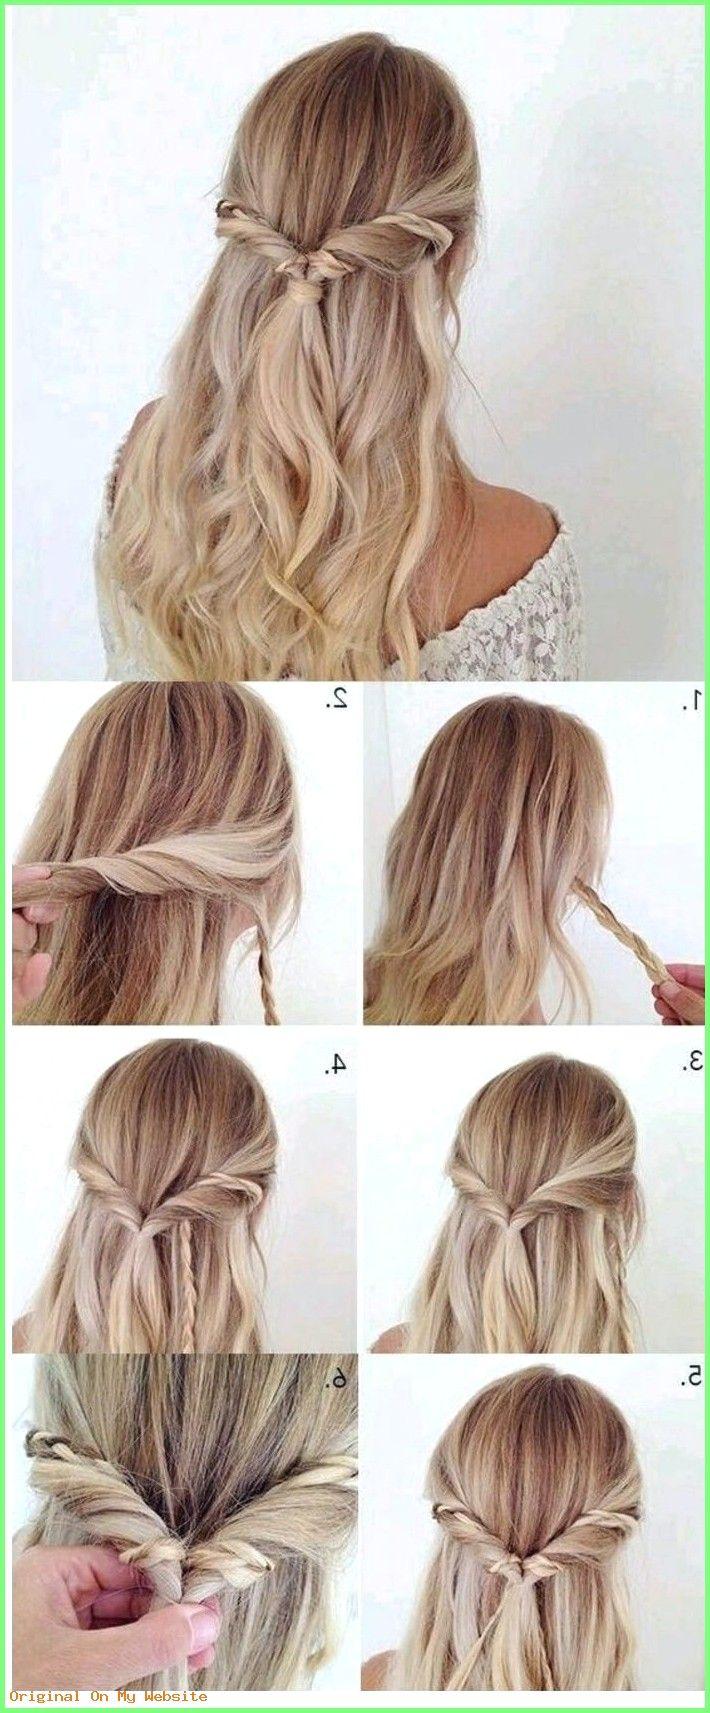 Mittellange Haare Frisuren Einfache Frisuren Zum Selber Machen Einfache Frisuren Machen Flechtfrisuren Geflochtene Frisuren Hochsteckfrisuren Lange Haare